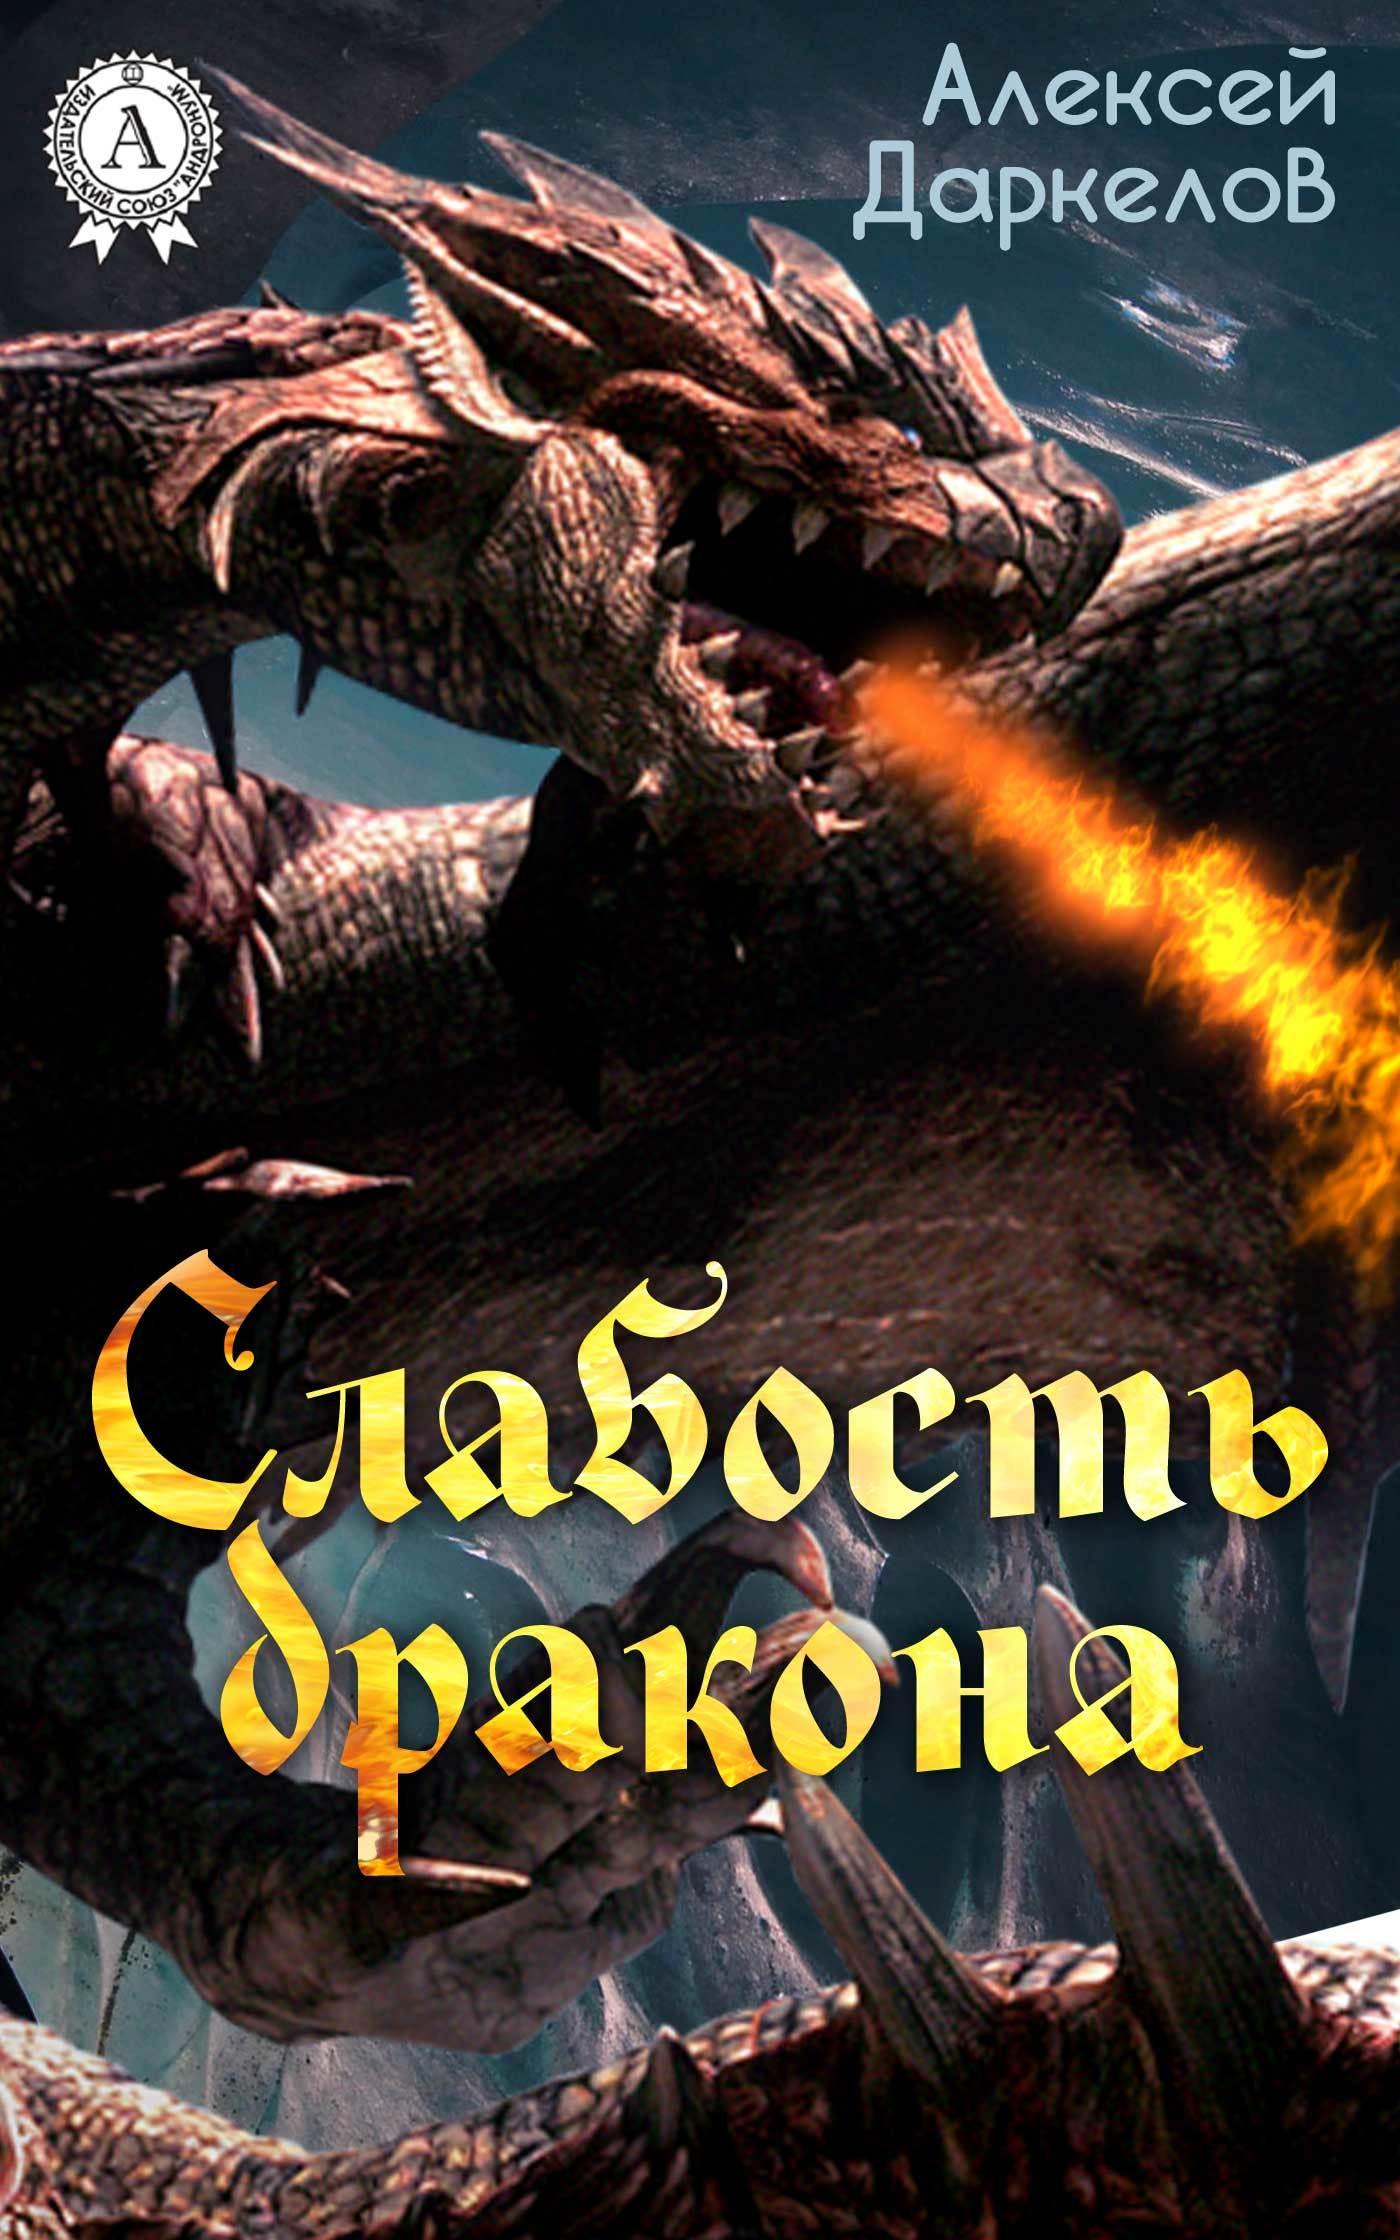 Обложка книги Слабость дракона, автор Даркелов, Алексей